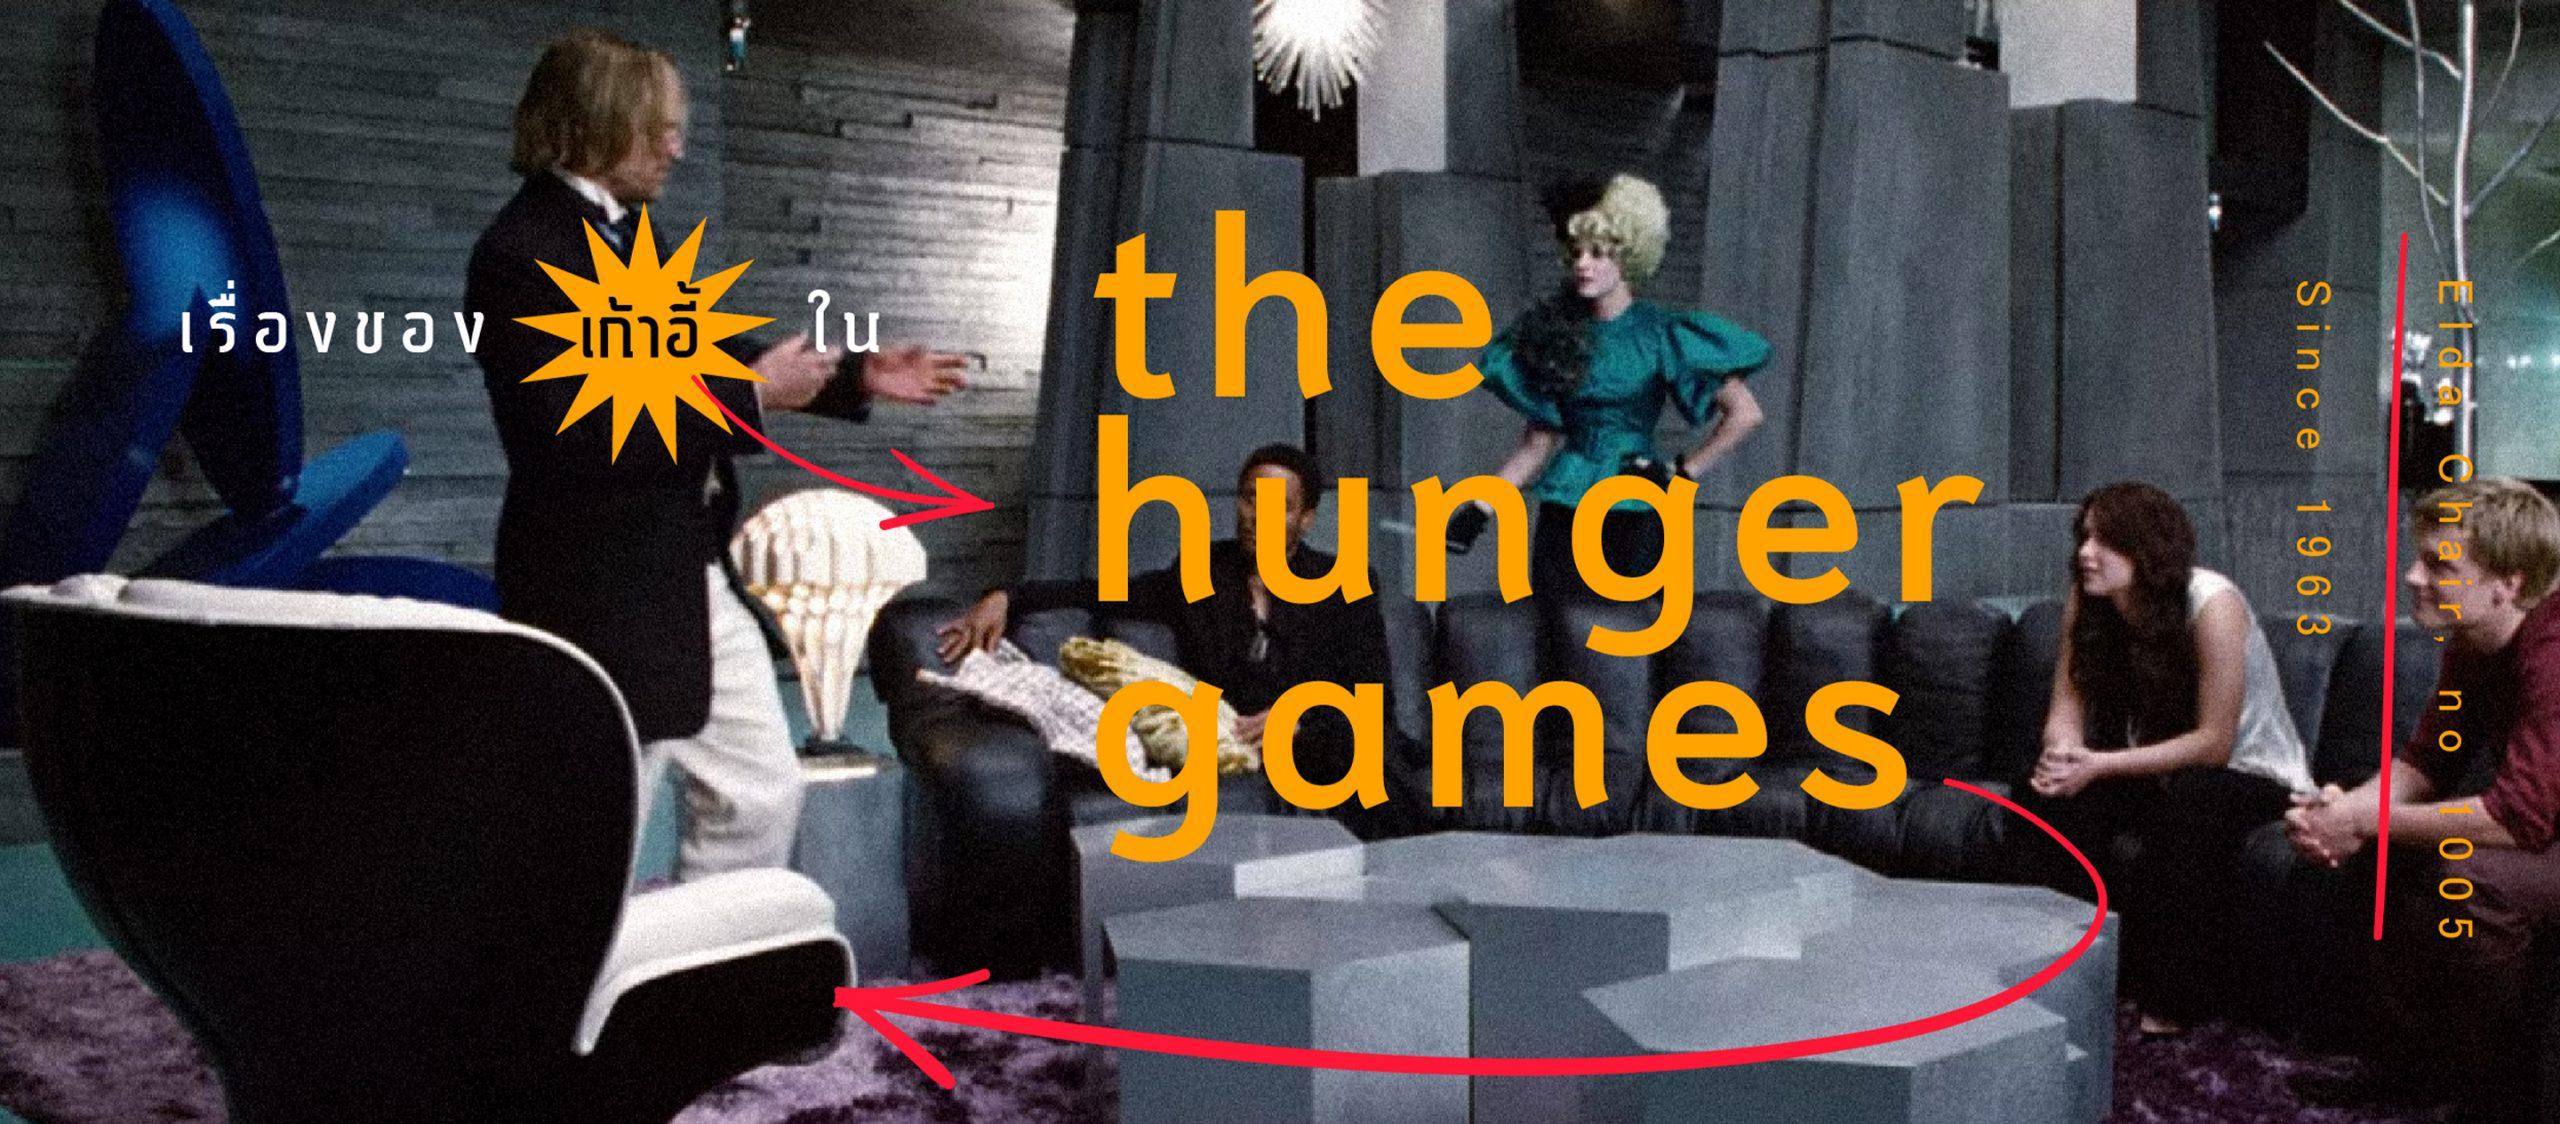 เสรีภาพ โชคชะตา และเก้าอี้ : เรื่องของเก้าอี้ Elda Chair ในหนังเรื่อง The Hunger Games